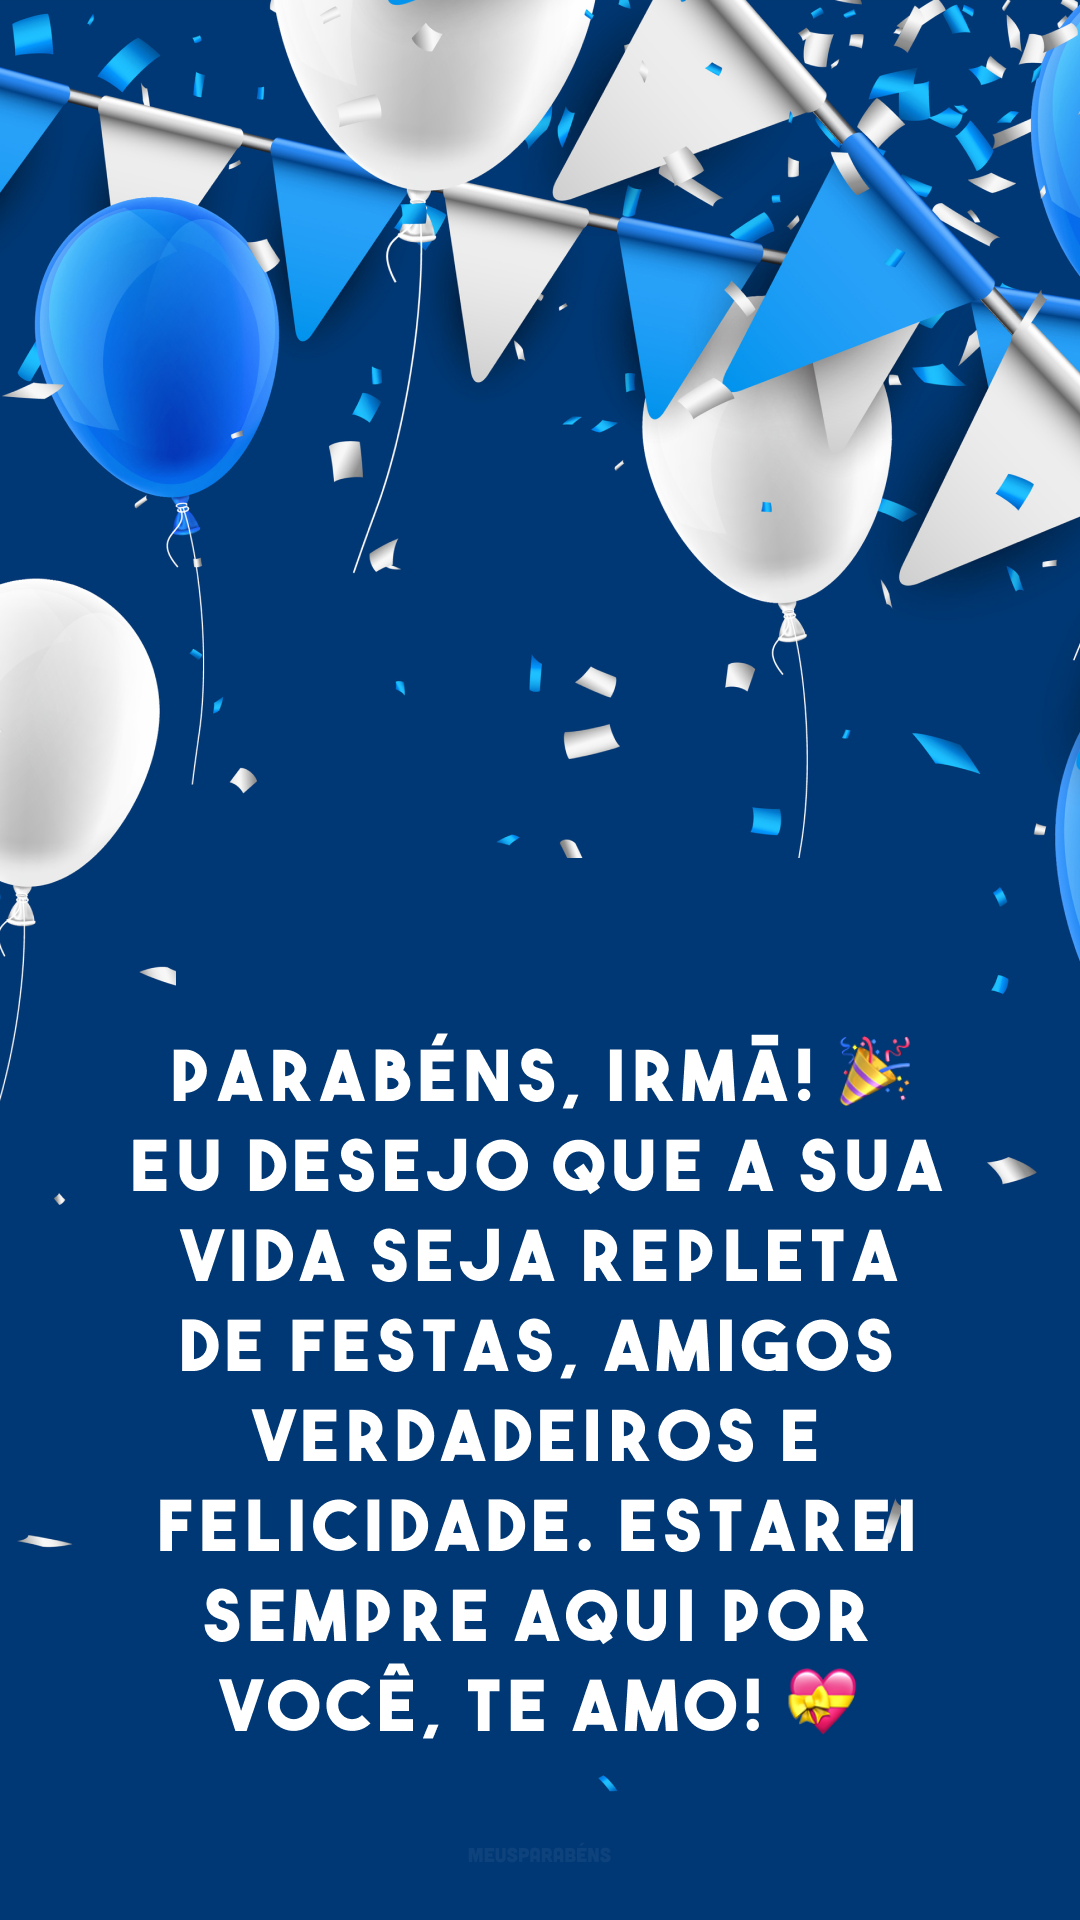 Parabéns, irmã! 🎉 Eu desejo que a sua vida seja repleta de festas, amigos verdadeiros e felicidade. Estarei sempre aqui por você, te amo! 💝